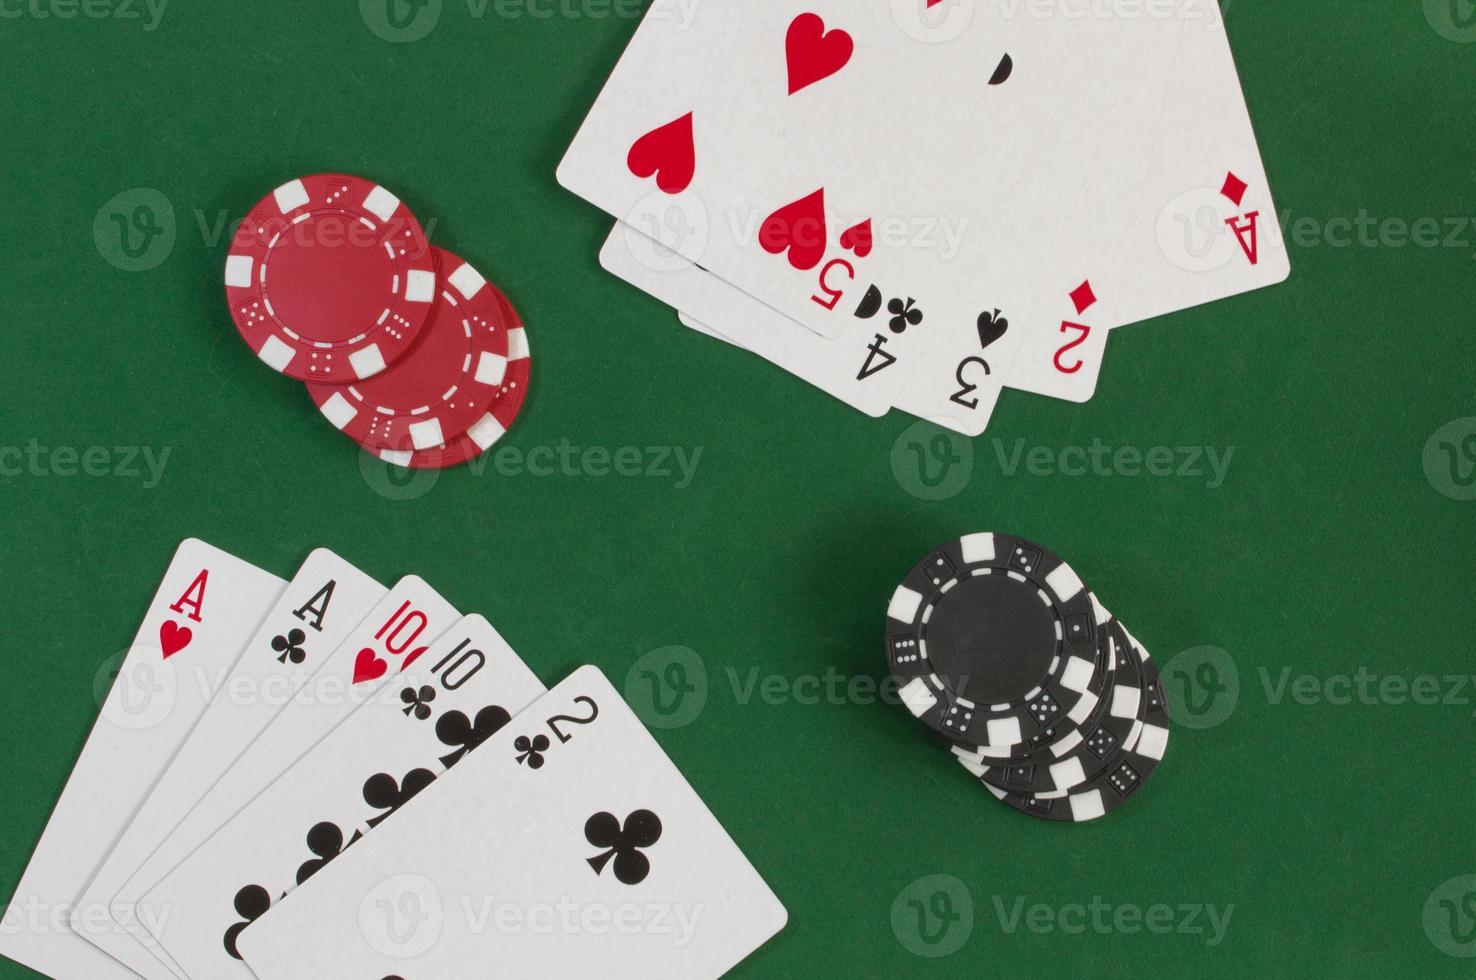 jetons de poker, droits et jeux d'argent photo